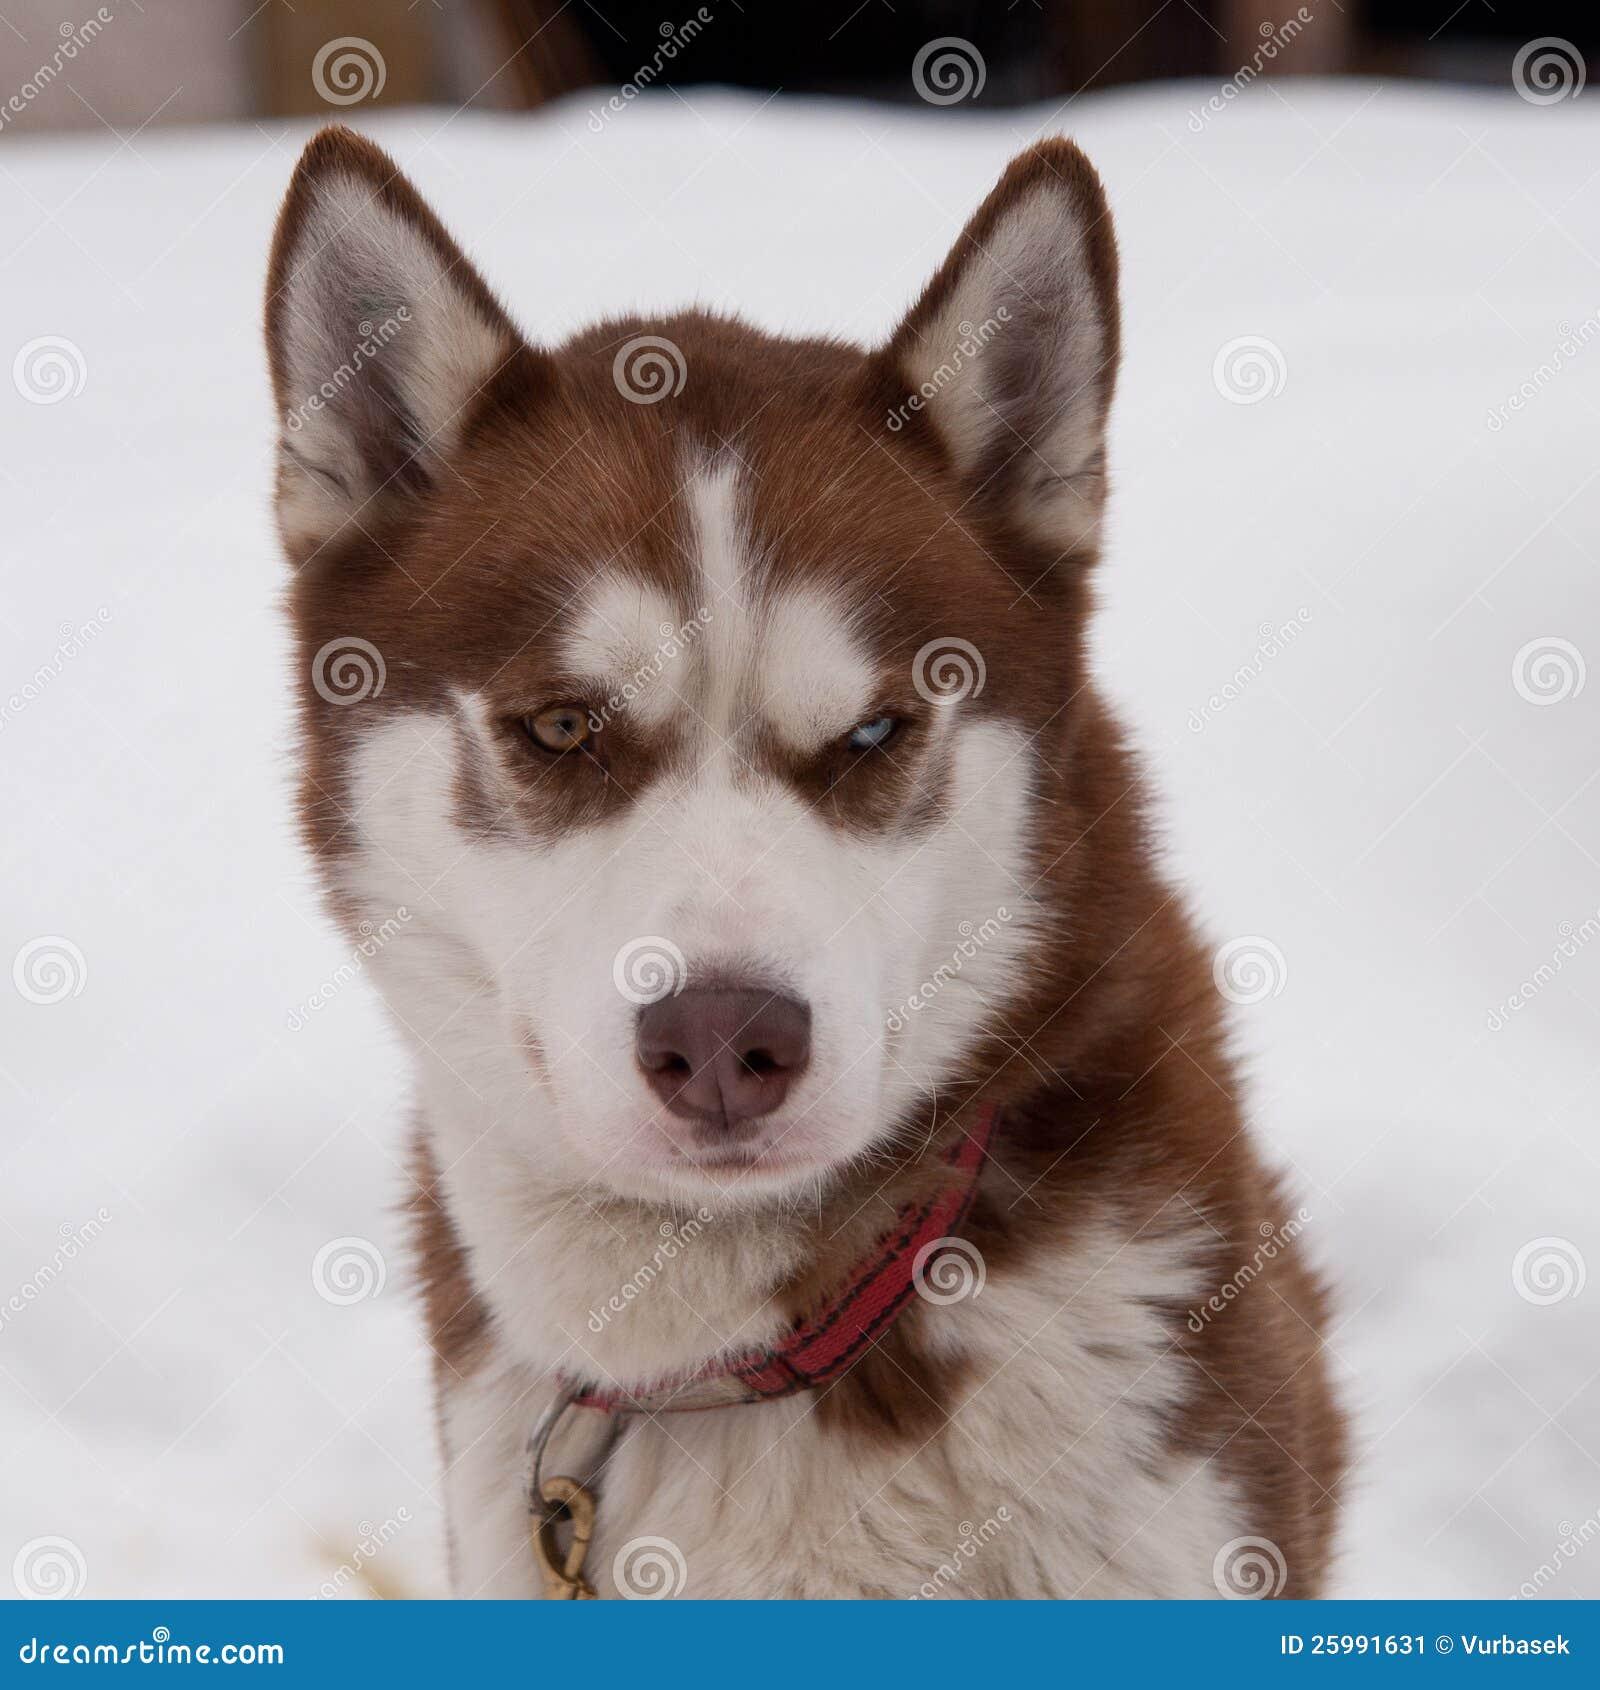 White Husky Dog With Blue Eyes